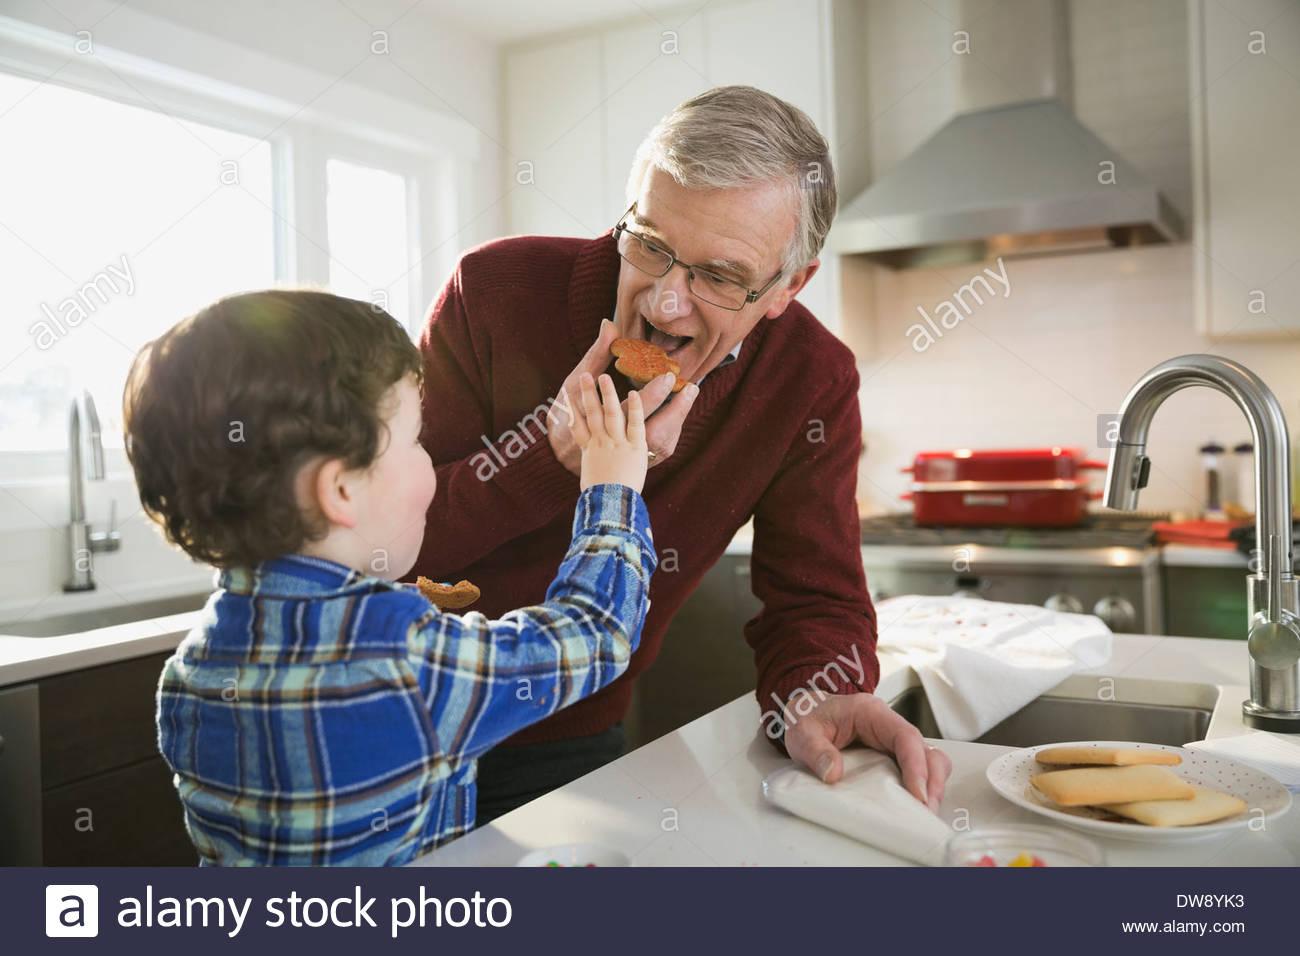 Alimentación niño galletas navideñas al abuelo Imagen De Stock